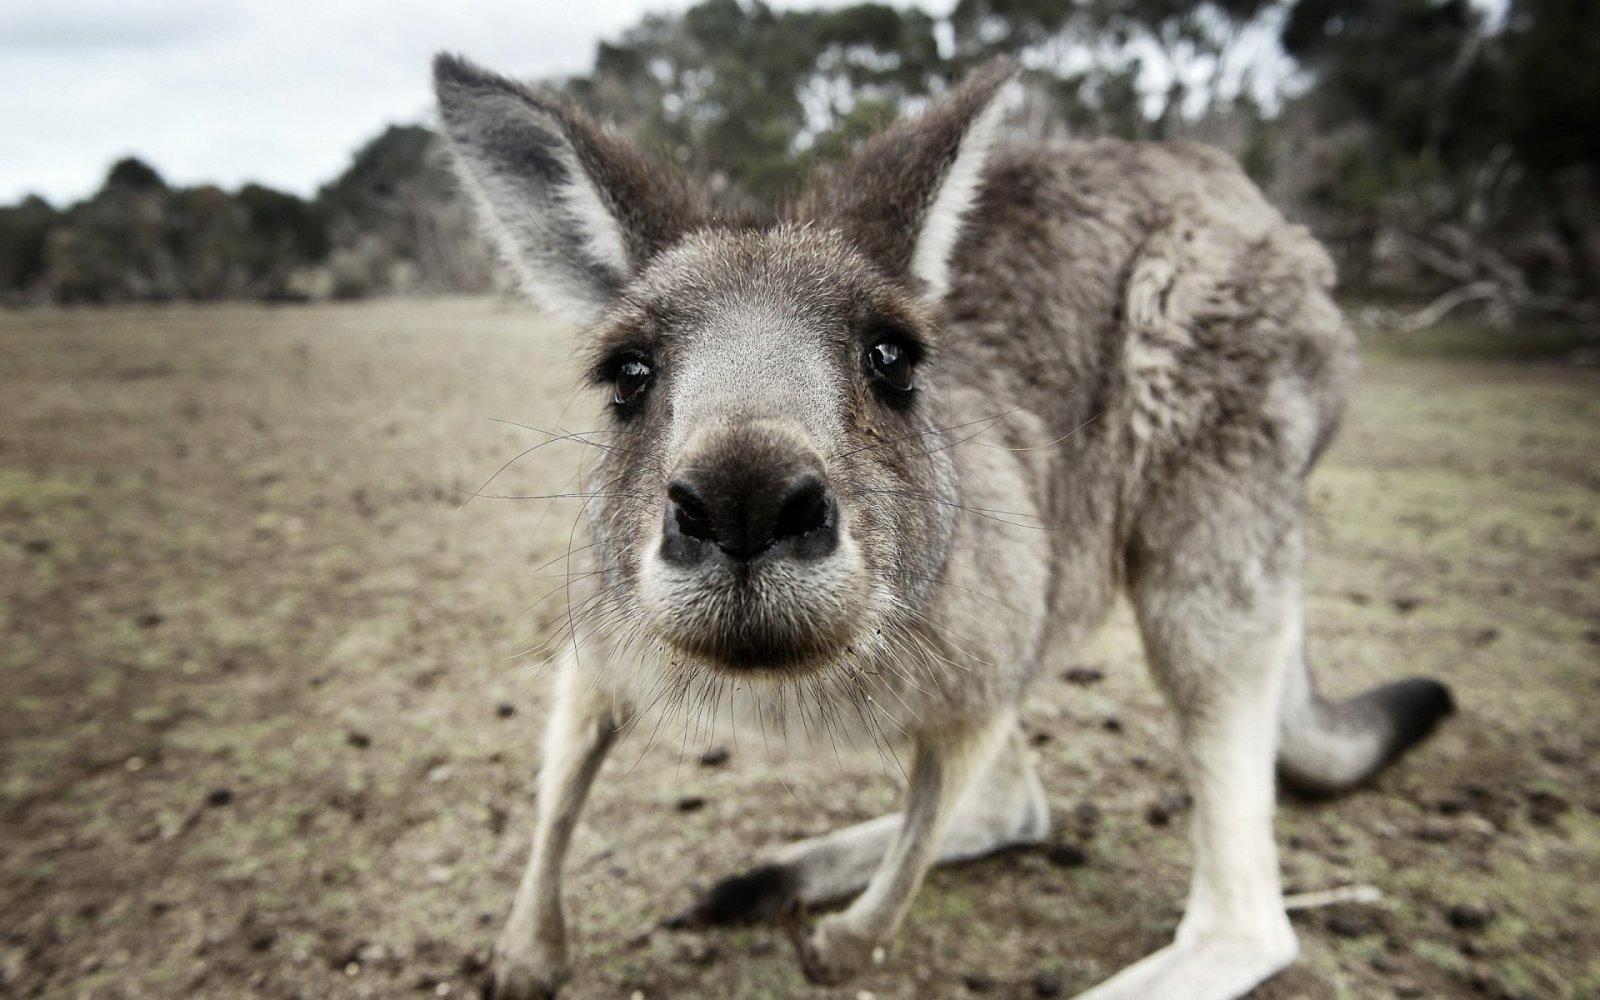 Australian kangaroo, Babushki letyat v Avstraliyu, rospersonal, otzyvy, Evgeny Matveevich Mikhaylov, Immigration Agent Australia 33k.jpg